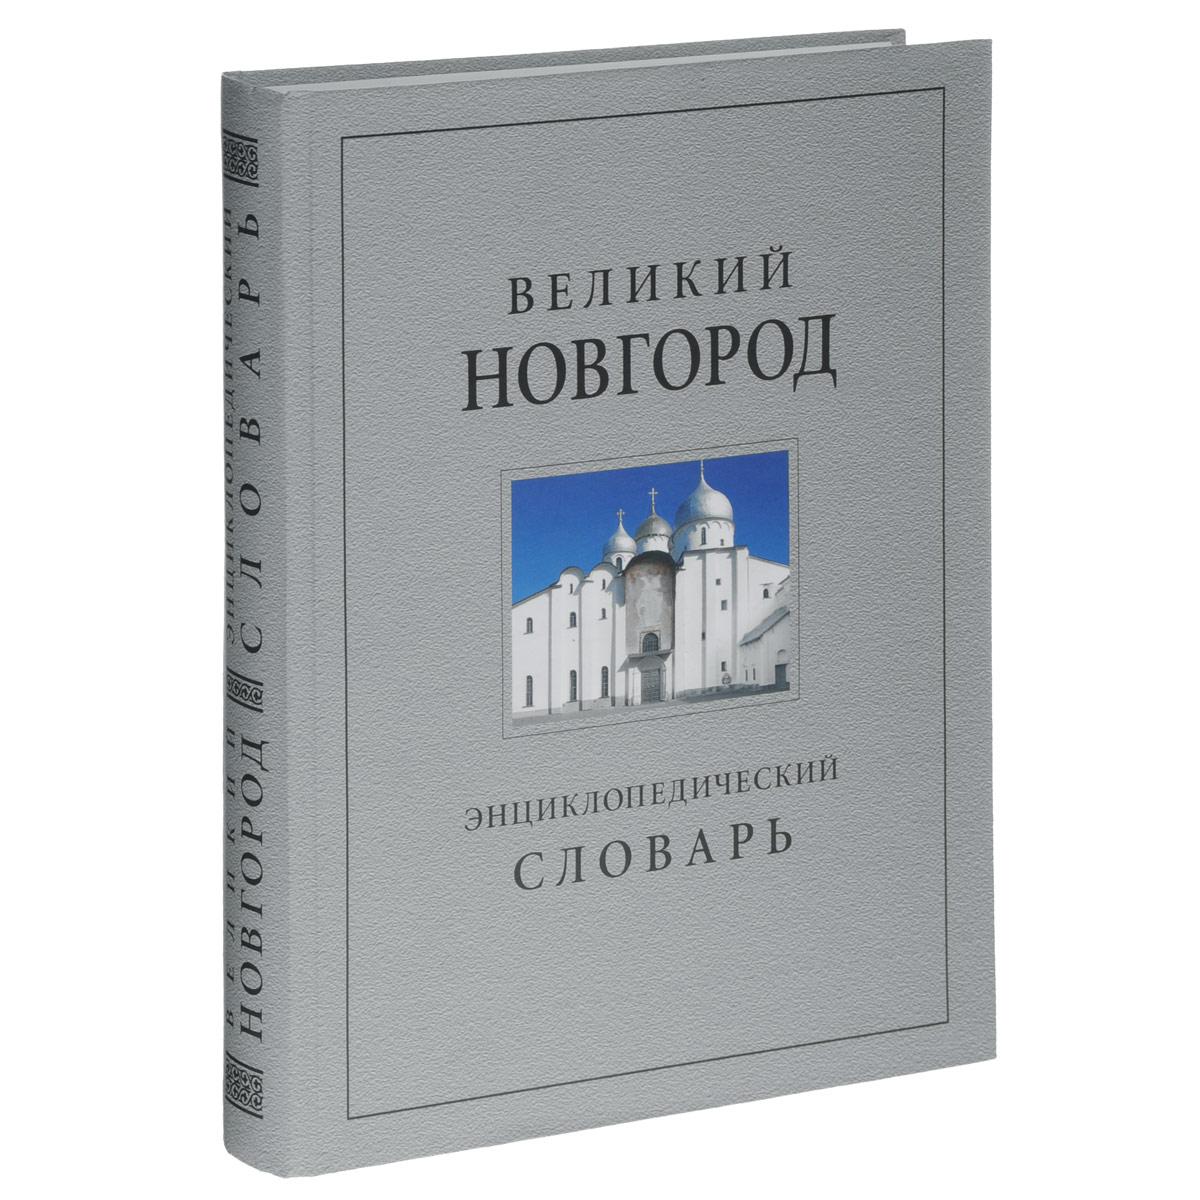 Великий Новгород. История и культура IX-XVII веков. Энциклопедический словарь